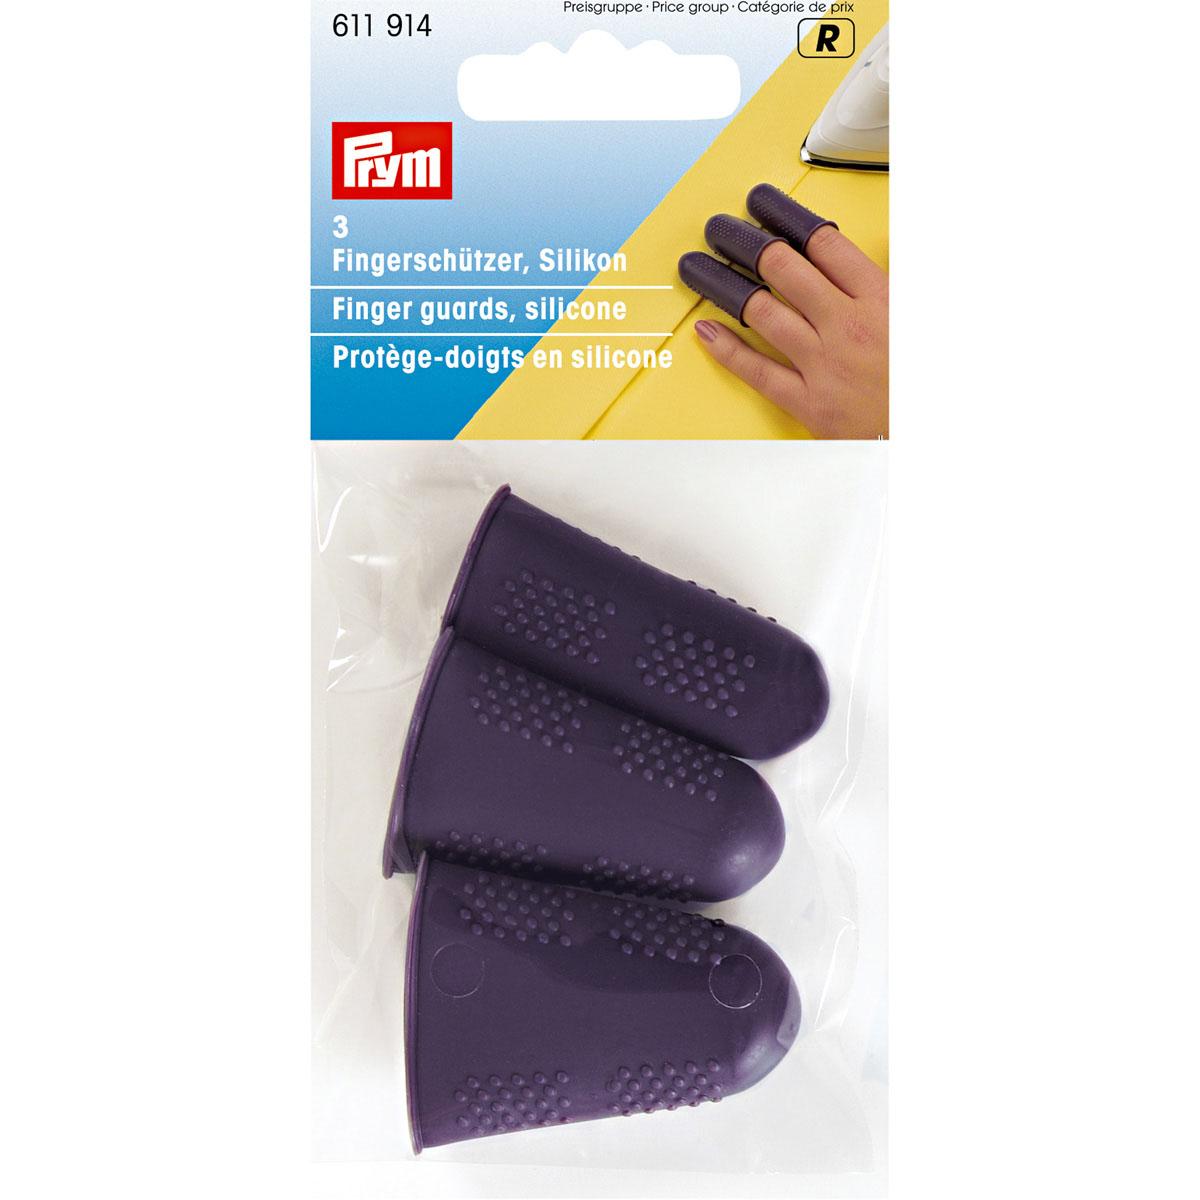 611914 Колпачки для защиты пальцев, силикон, упак./3 шт., Prym